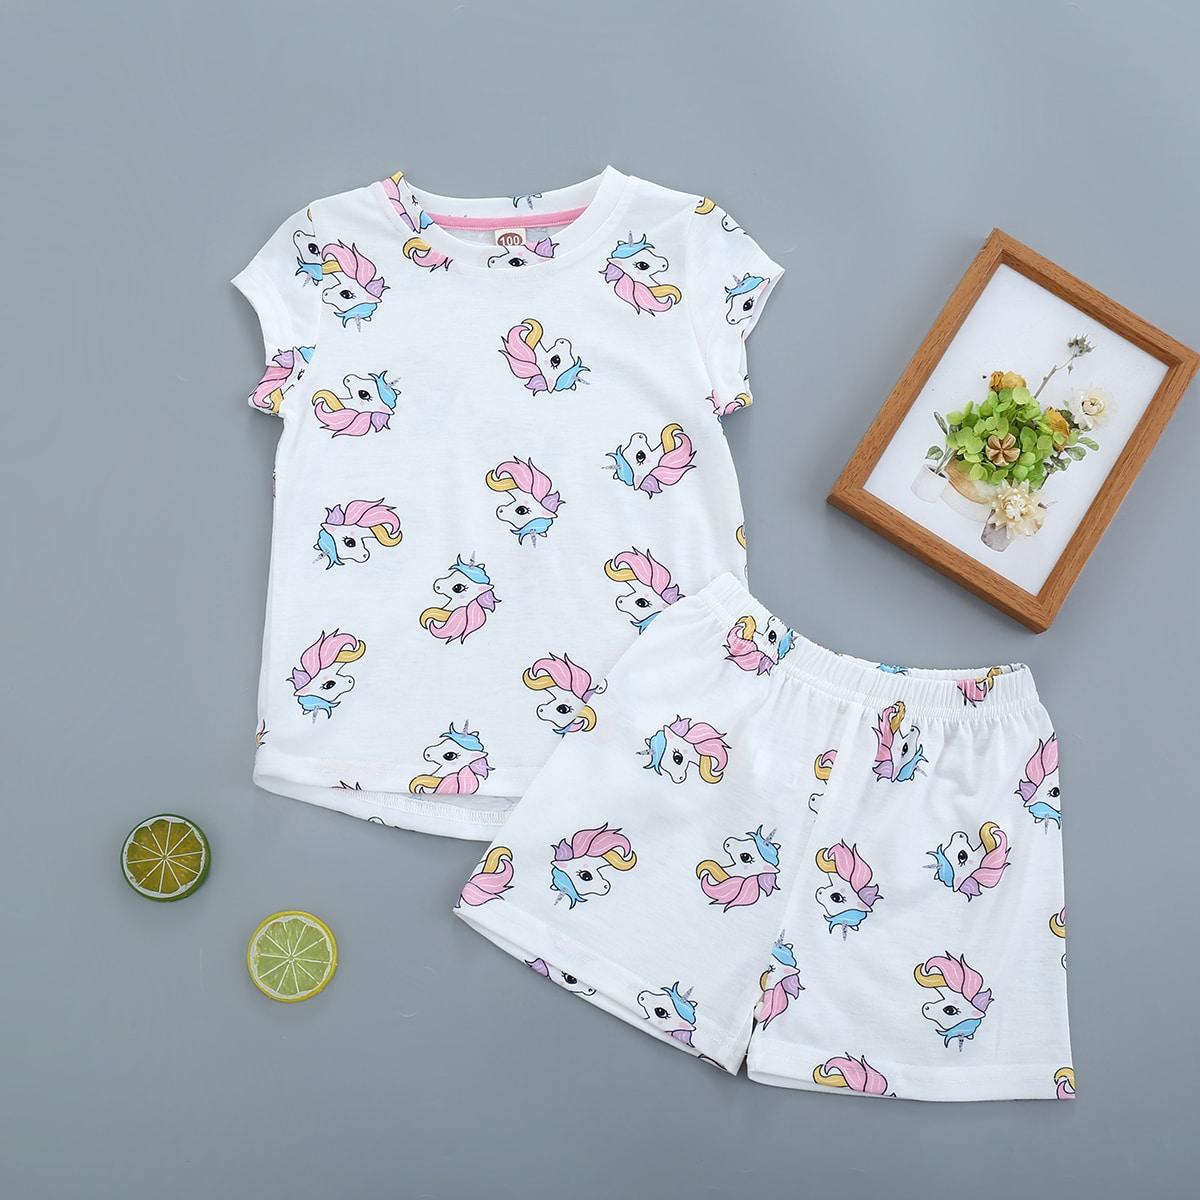 Шорты и футболка с мультяшным принтом для девочек от SHEIN